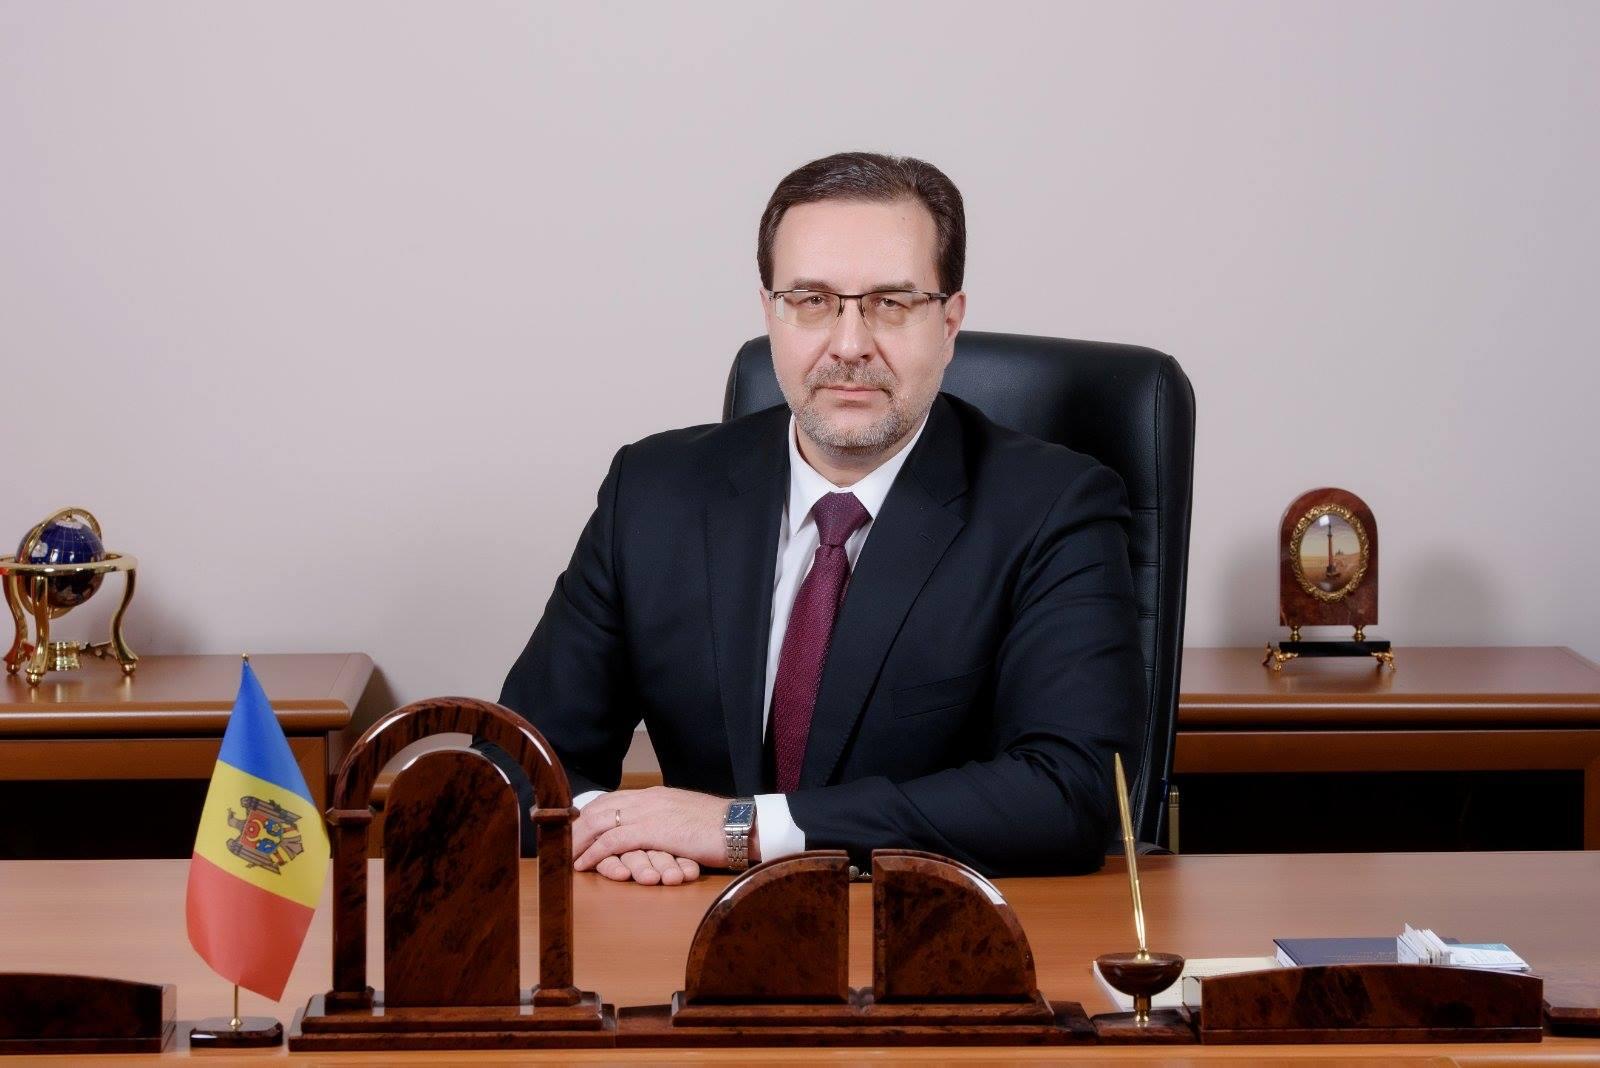 Șefia CCRM a participat la o ședință de pregătire a celei de-a 52-a ședințe oficiale a Consiliului de guvernare al EUROSAI